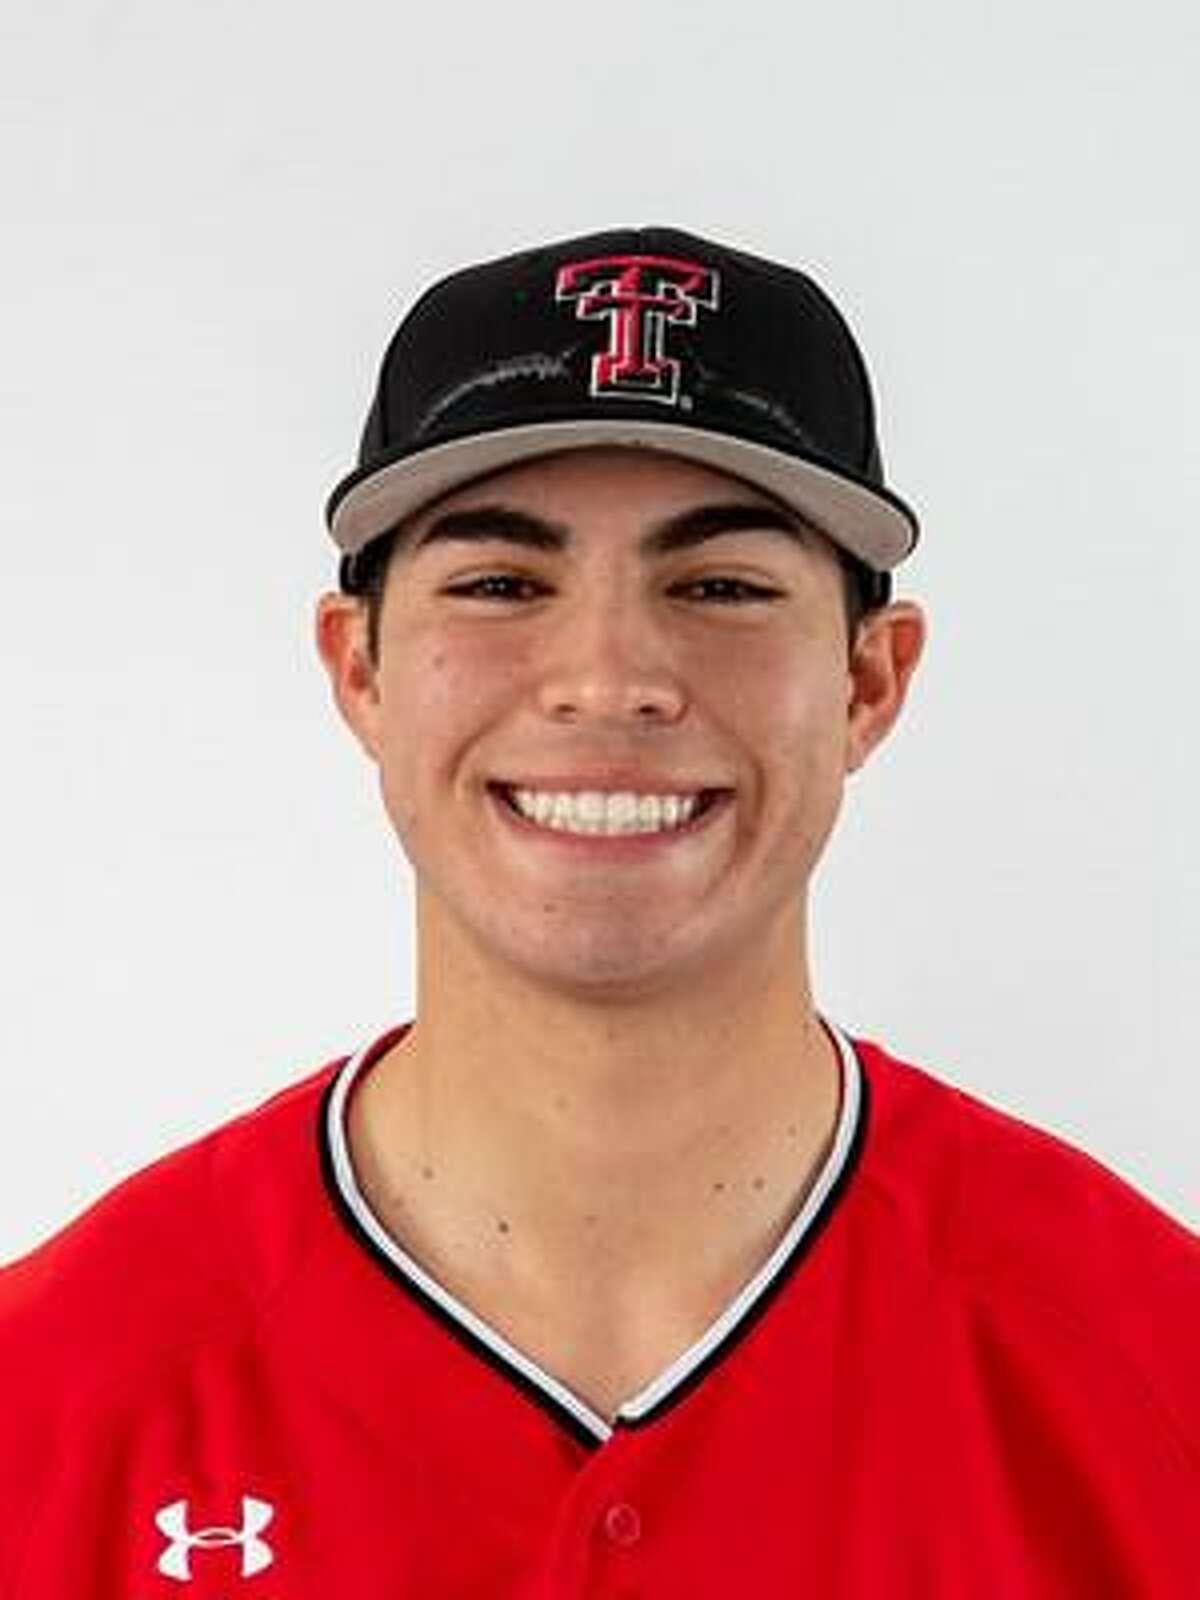 Texas Tech pitcher Brandon Birdsell